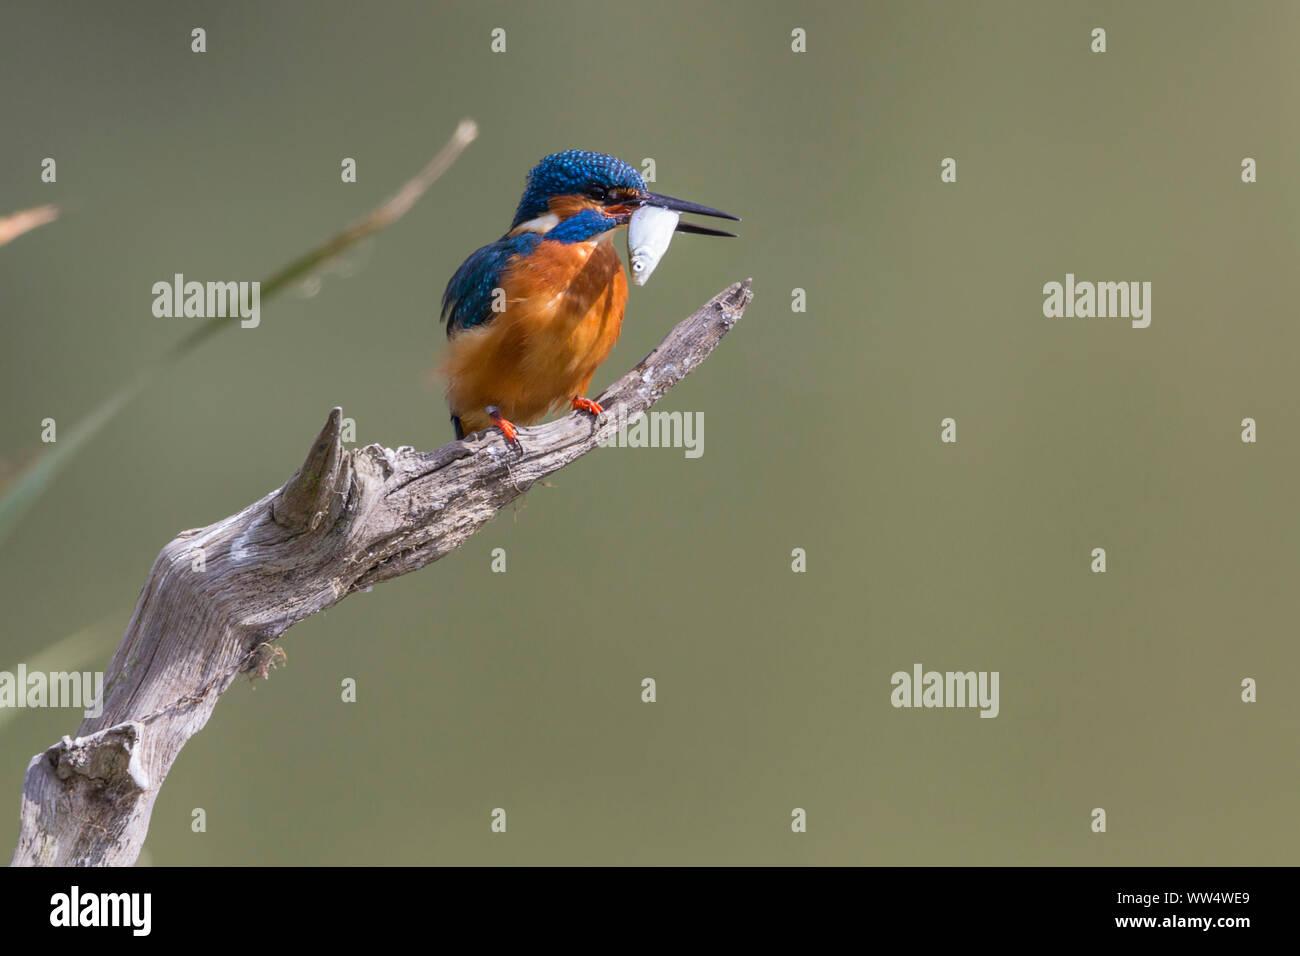 Eisvogel (Alcedo atthis) männlichen auf Barsch langen Dolch - wie Bill orange underparts und Wangen oberen Teile Electric Blue. Weißen Hals und Nacken Patches. Stockfoto